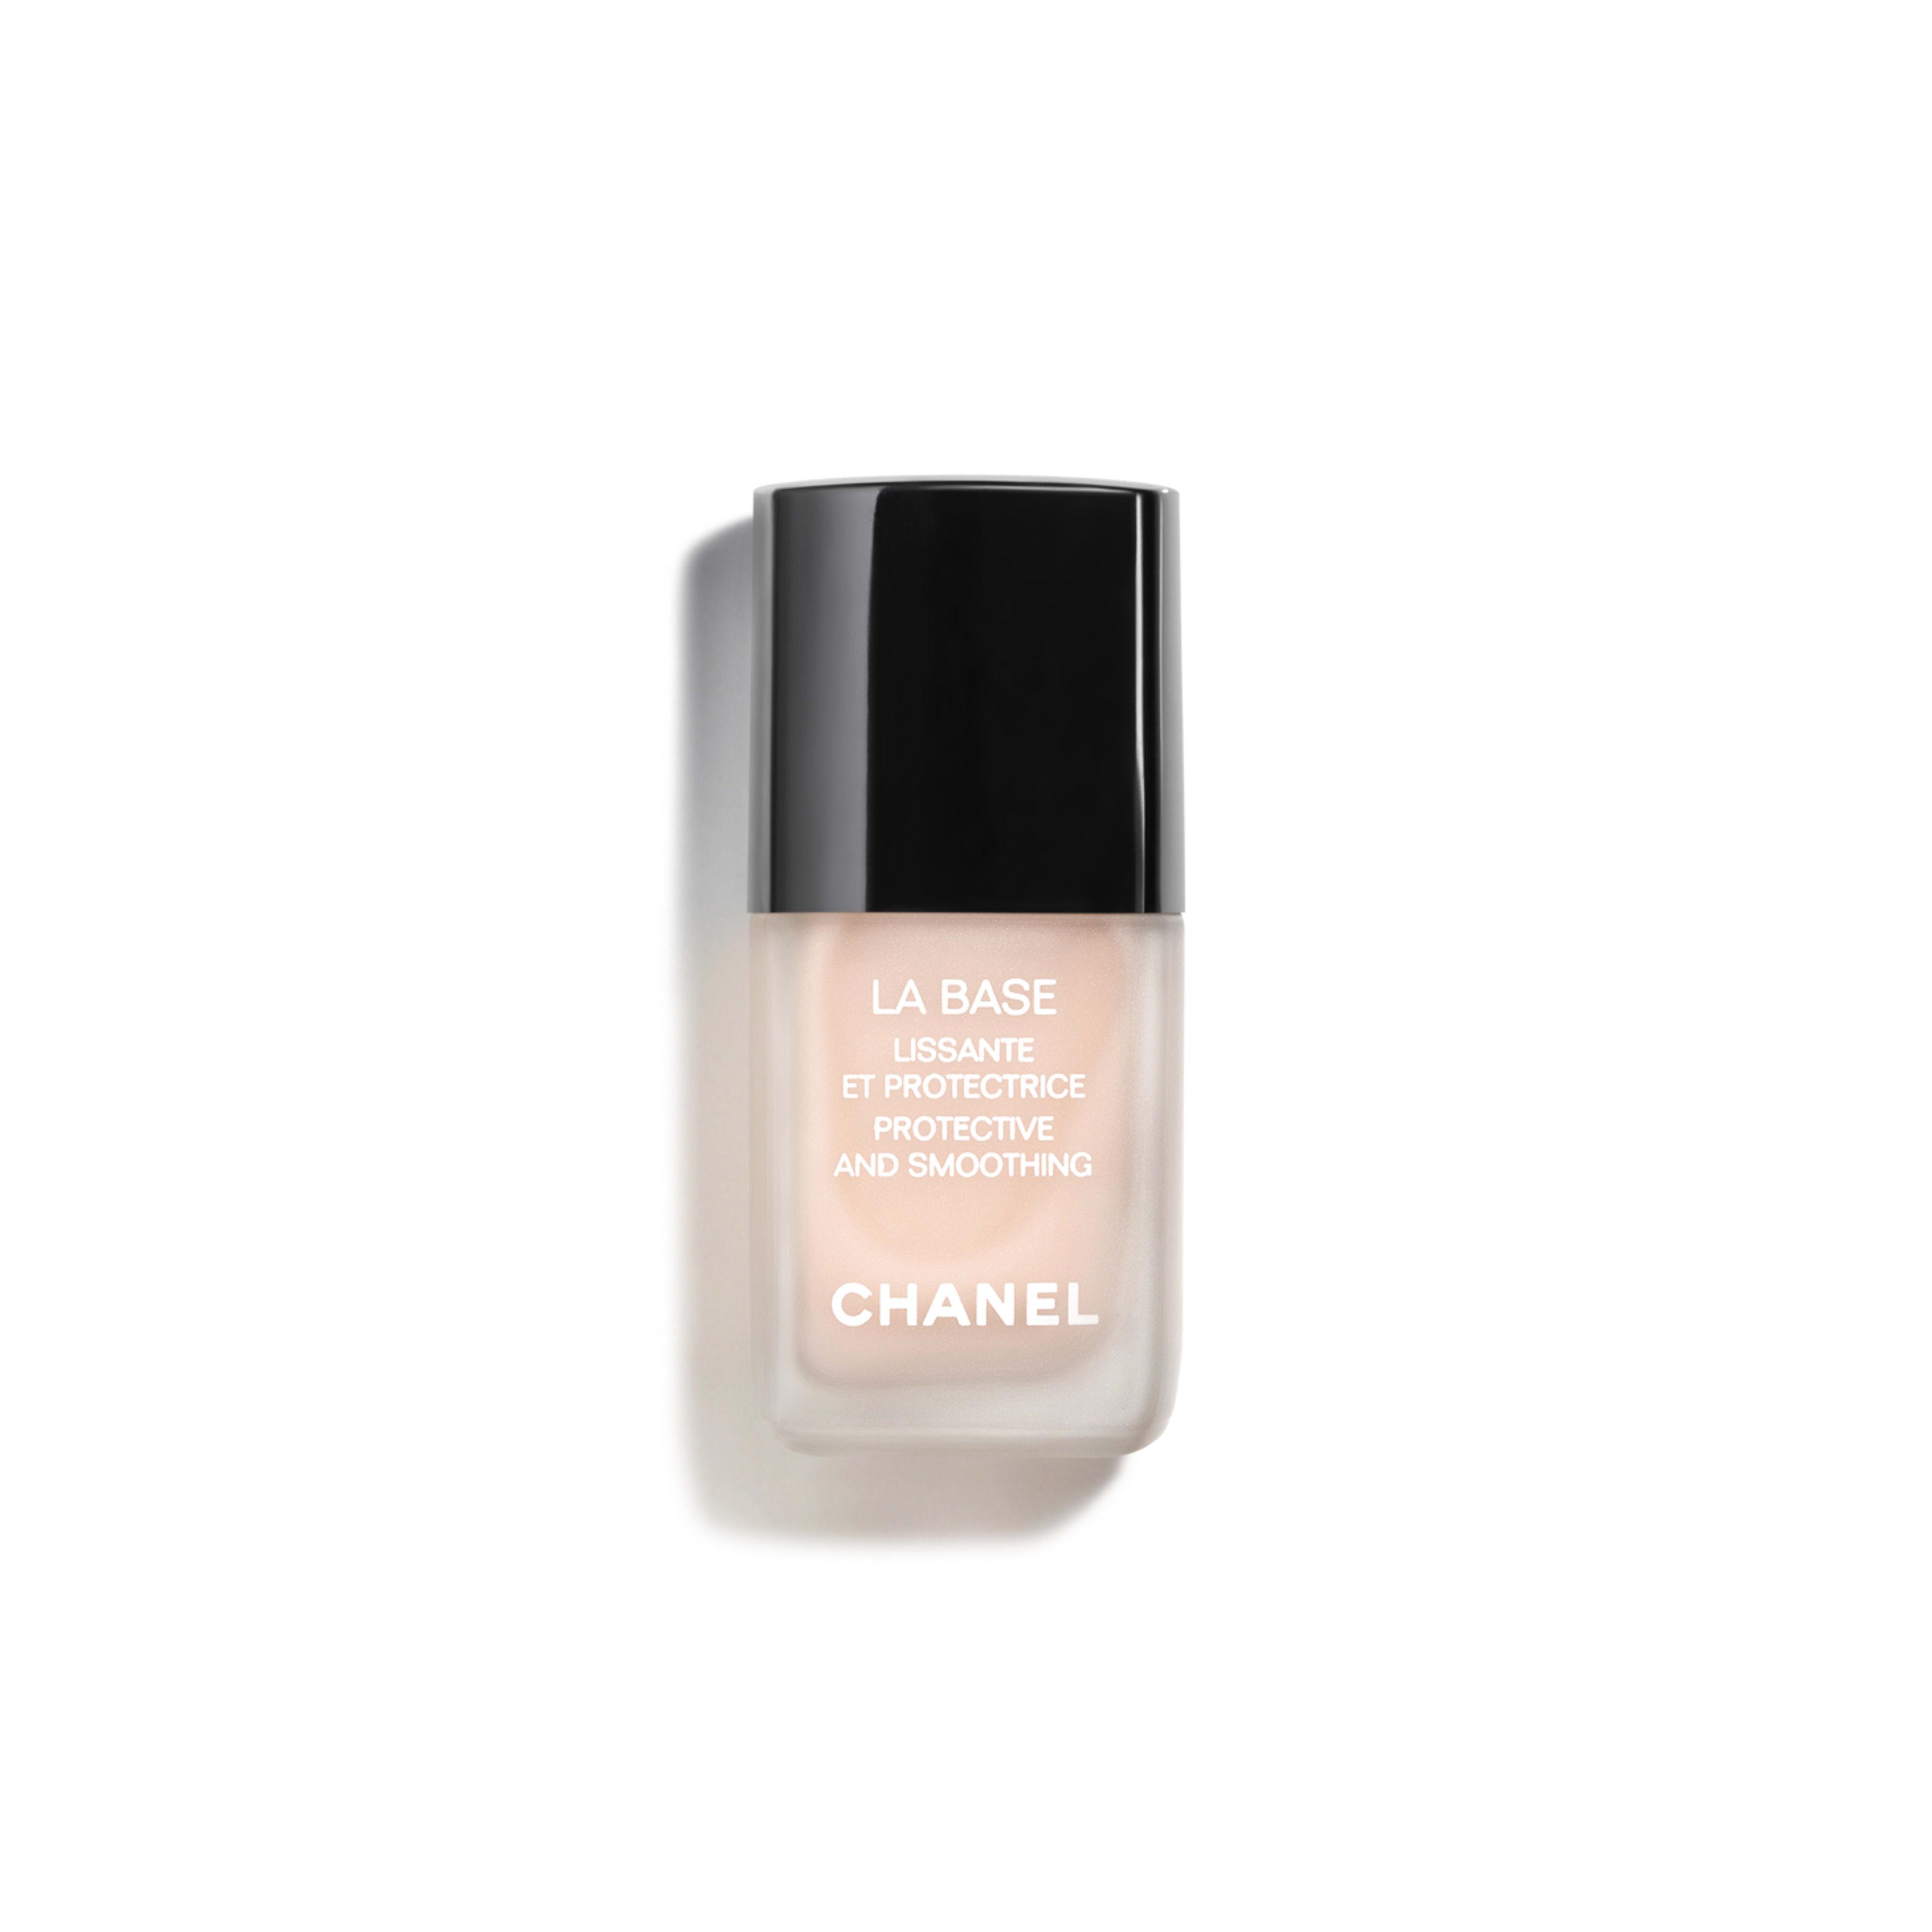 LA BASE - makeup - 0.4FL. OZ. - Default view